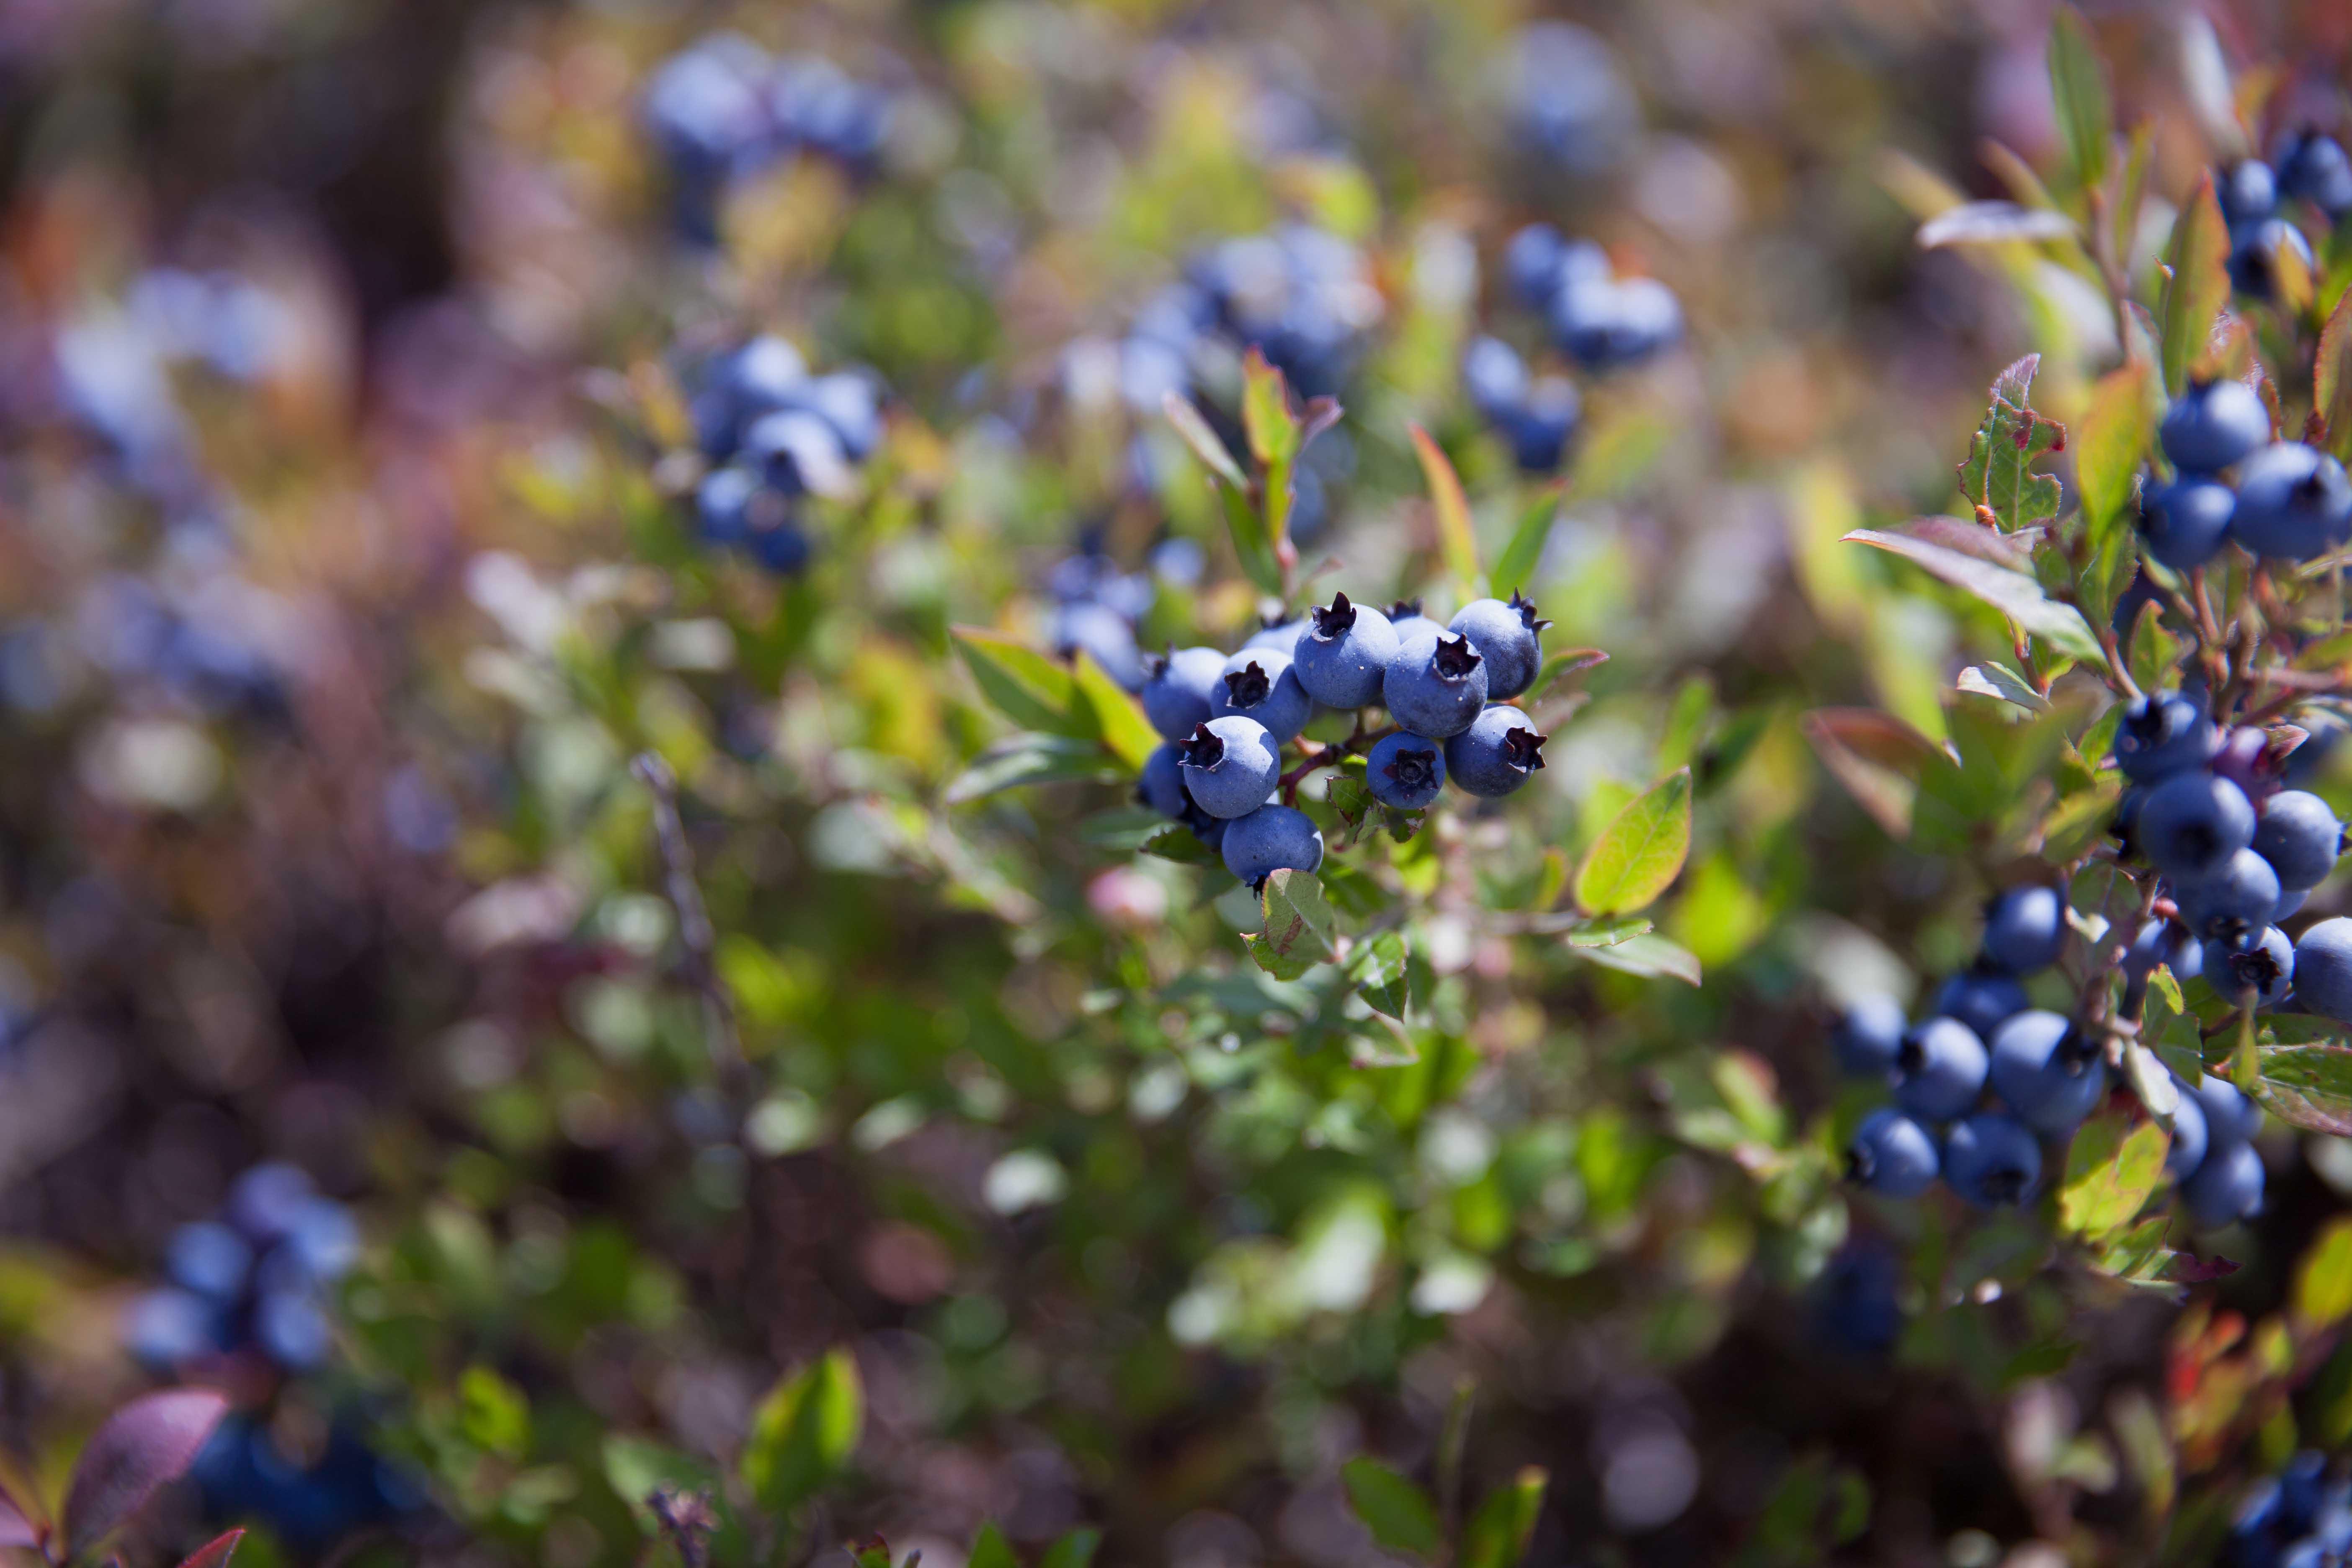 Wilde Blaubeeren Kanada Wild blueberries of Canada Zuckerzimtundliebe kulinarische Reise Wild Blueberries